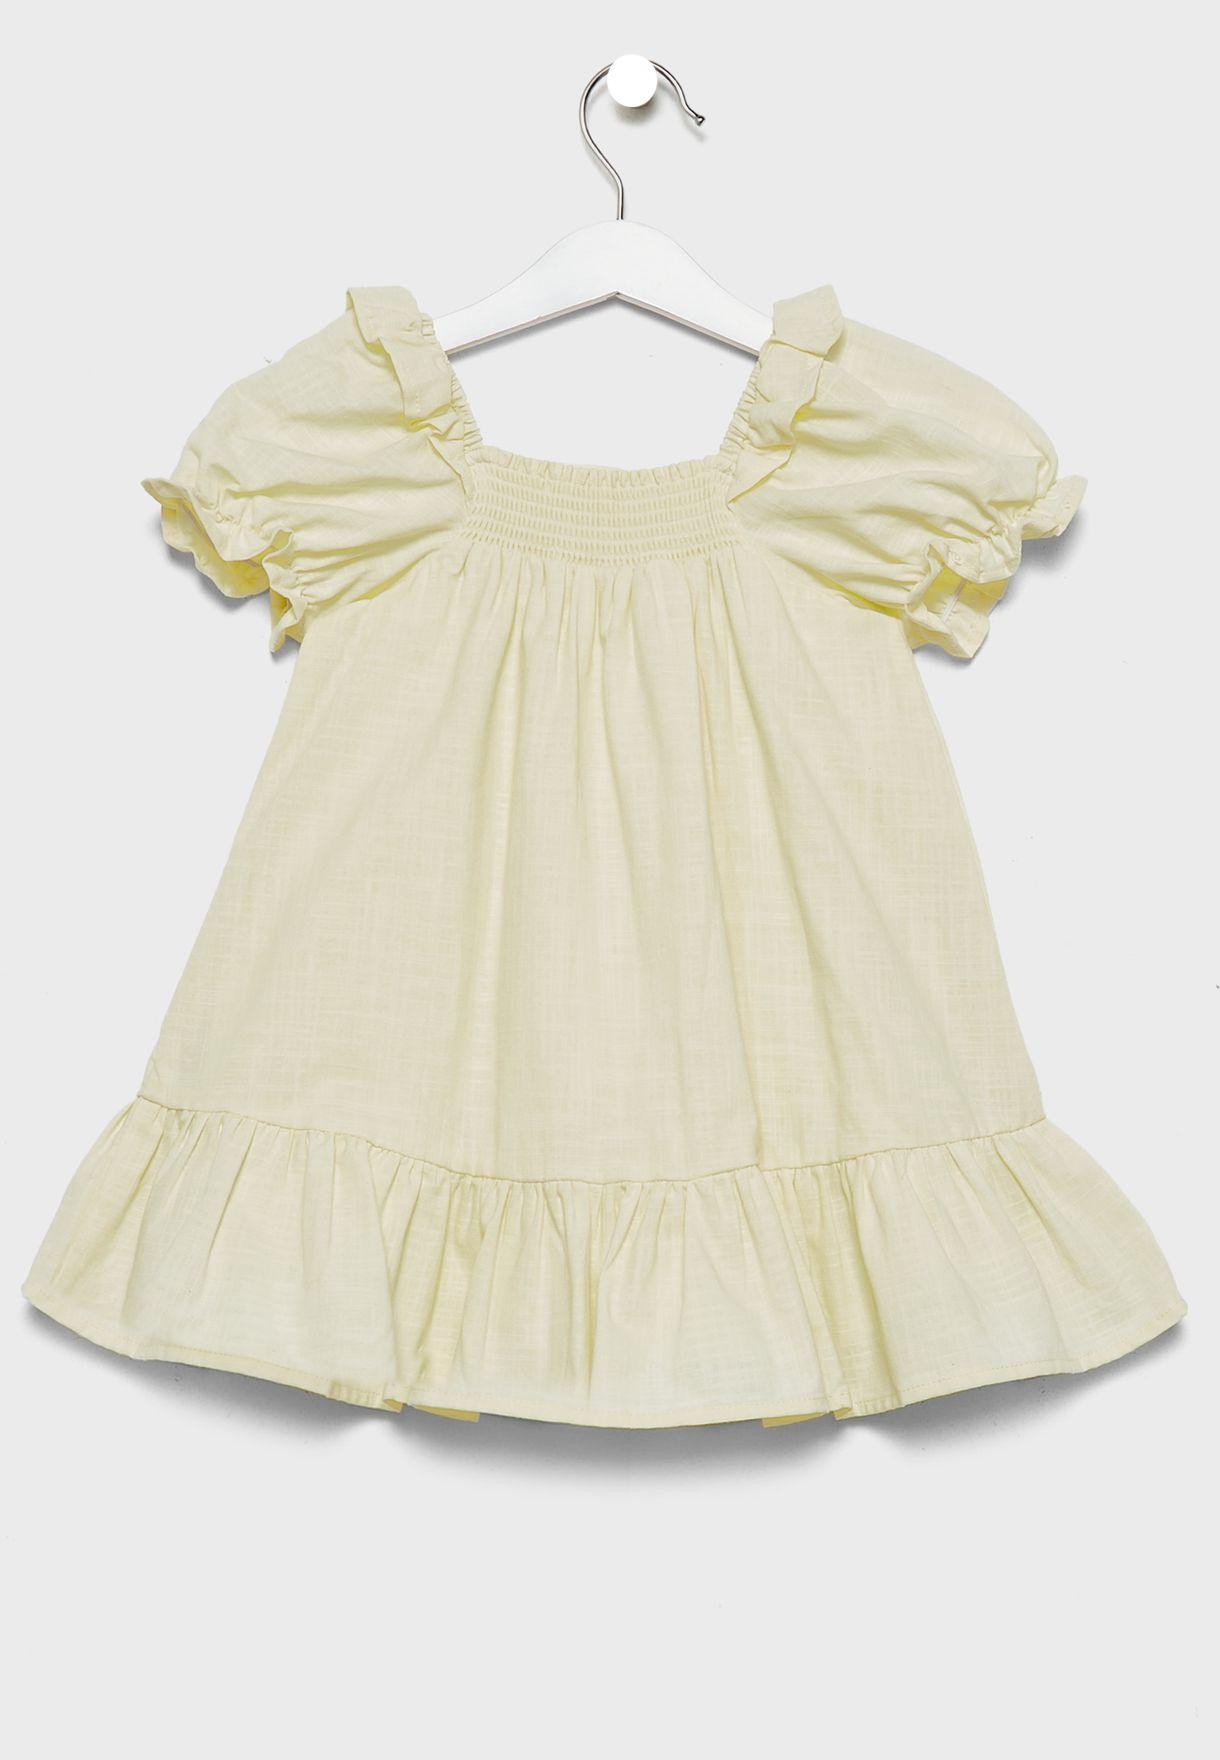 فستان بياقة مربعة واكمام منفوشة